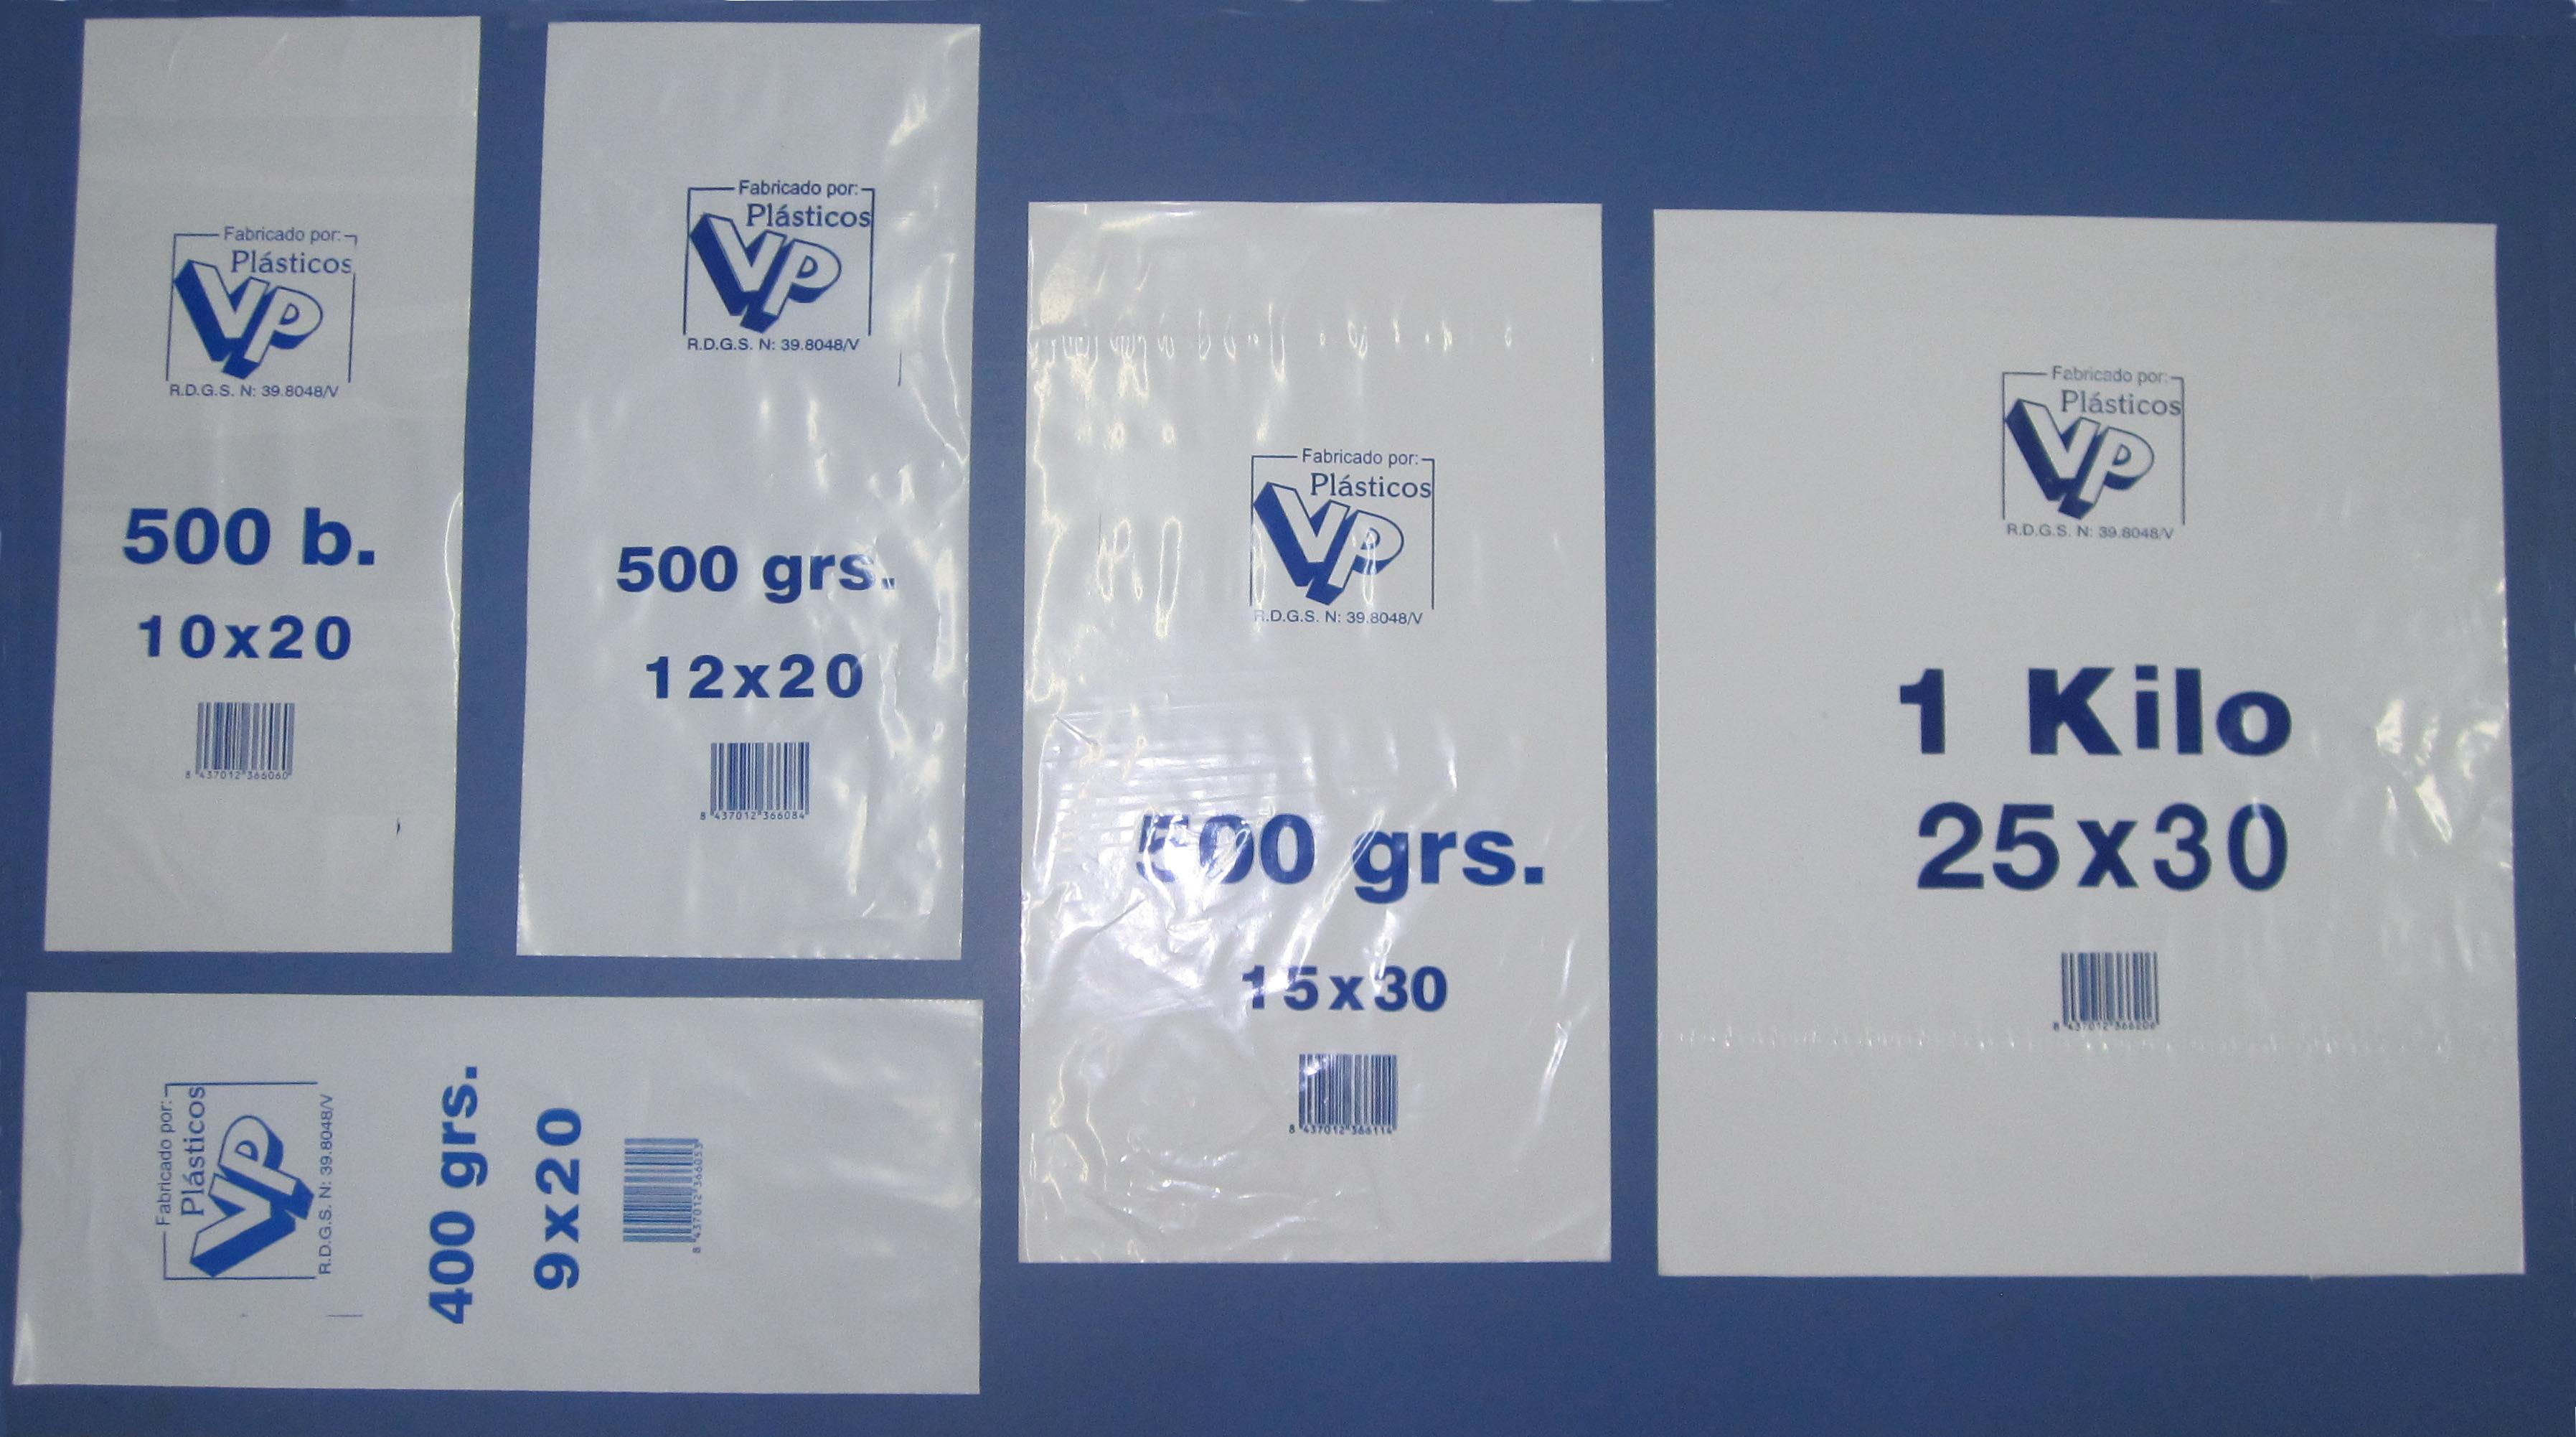 Bolsas de plástico de polietino baja densidad: Productos de Plásticos VP